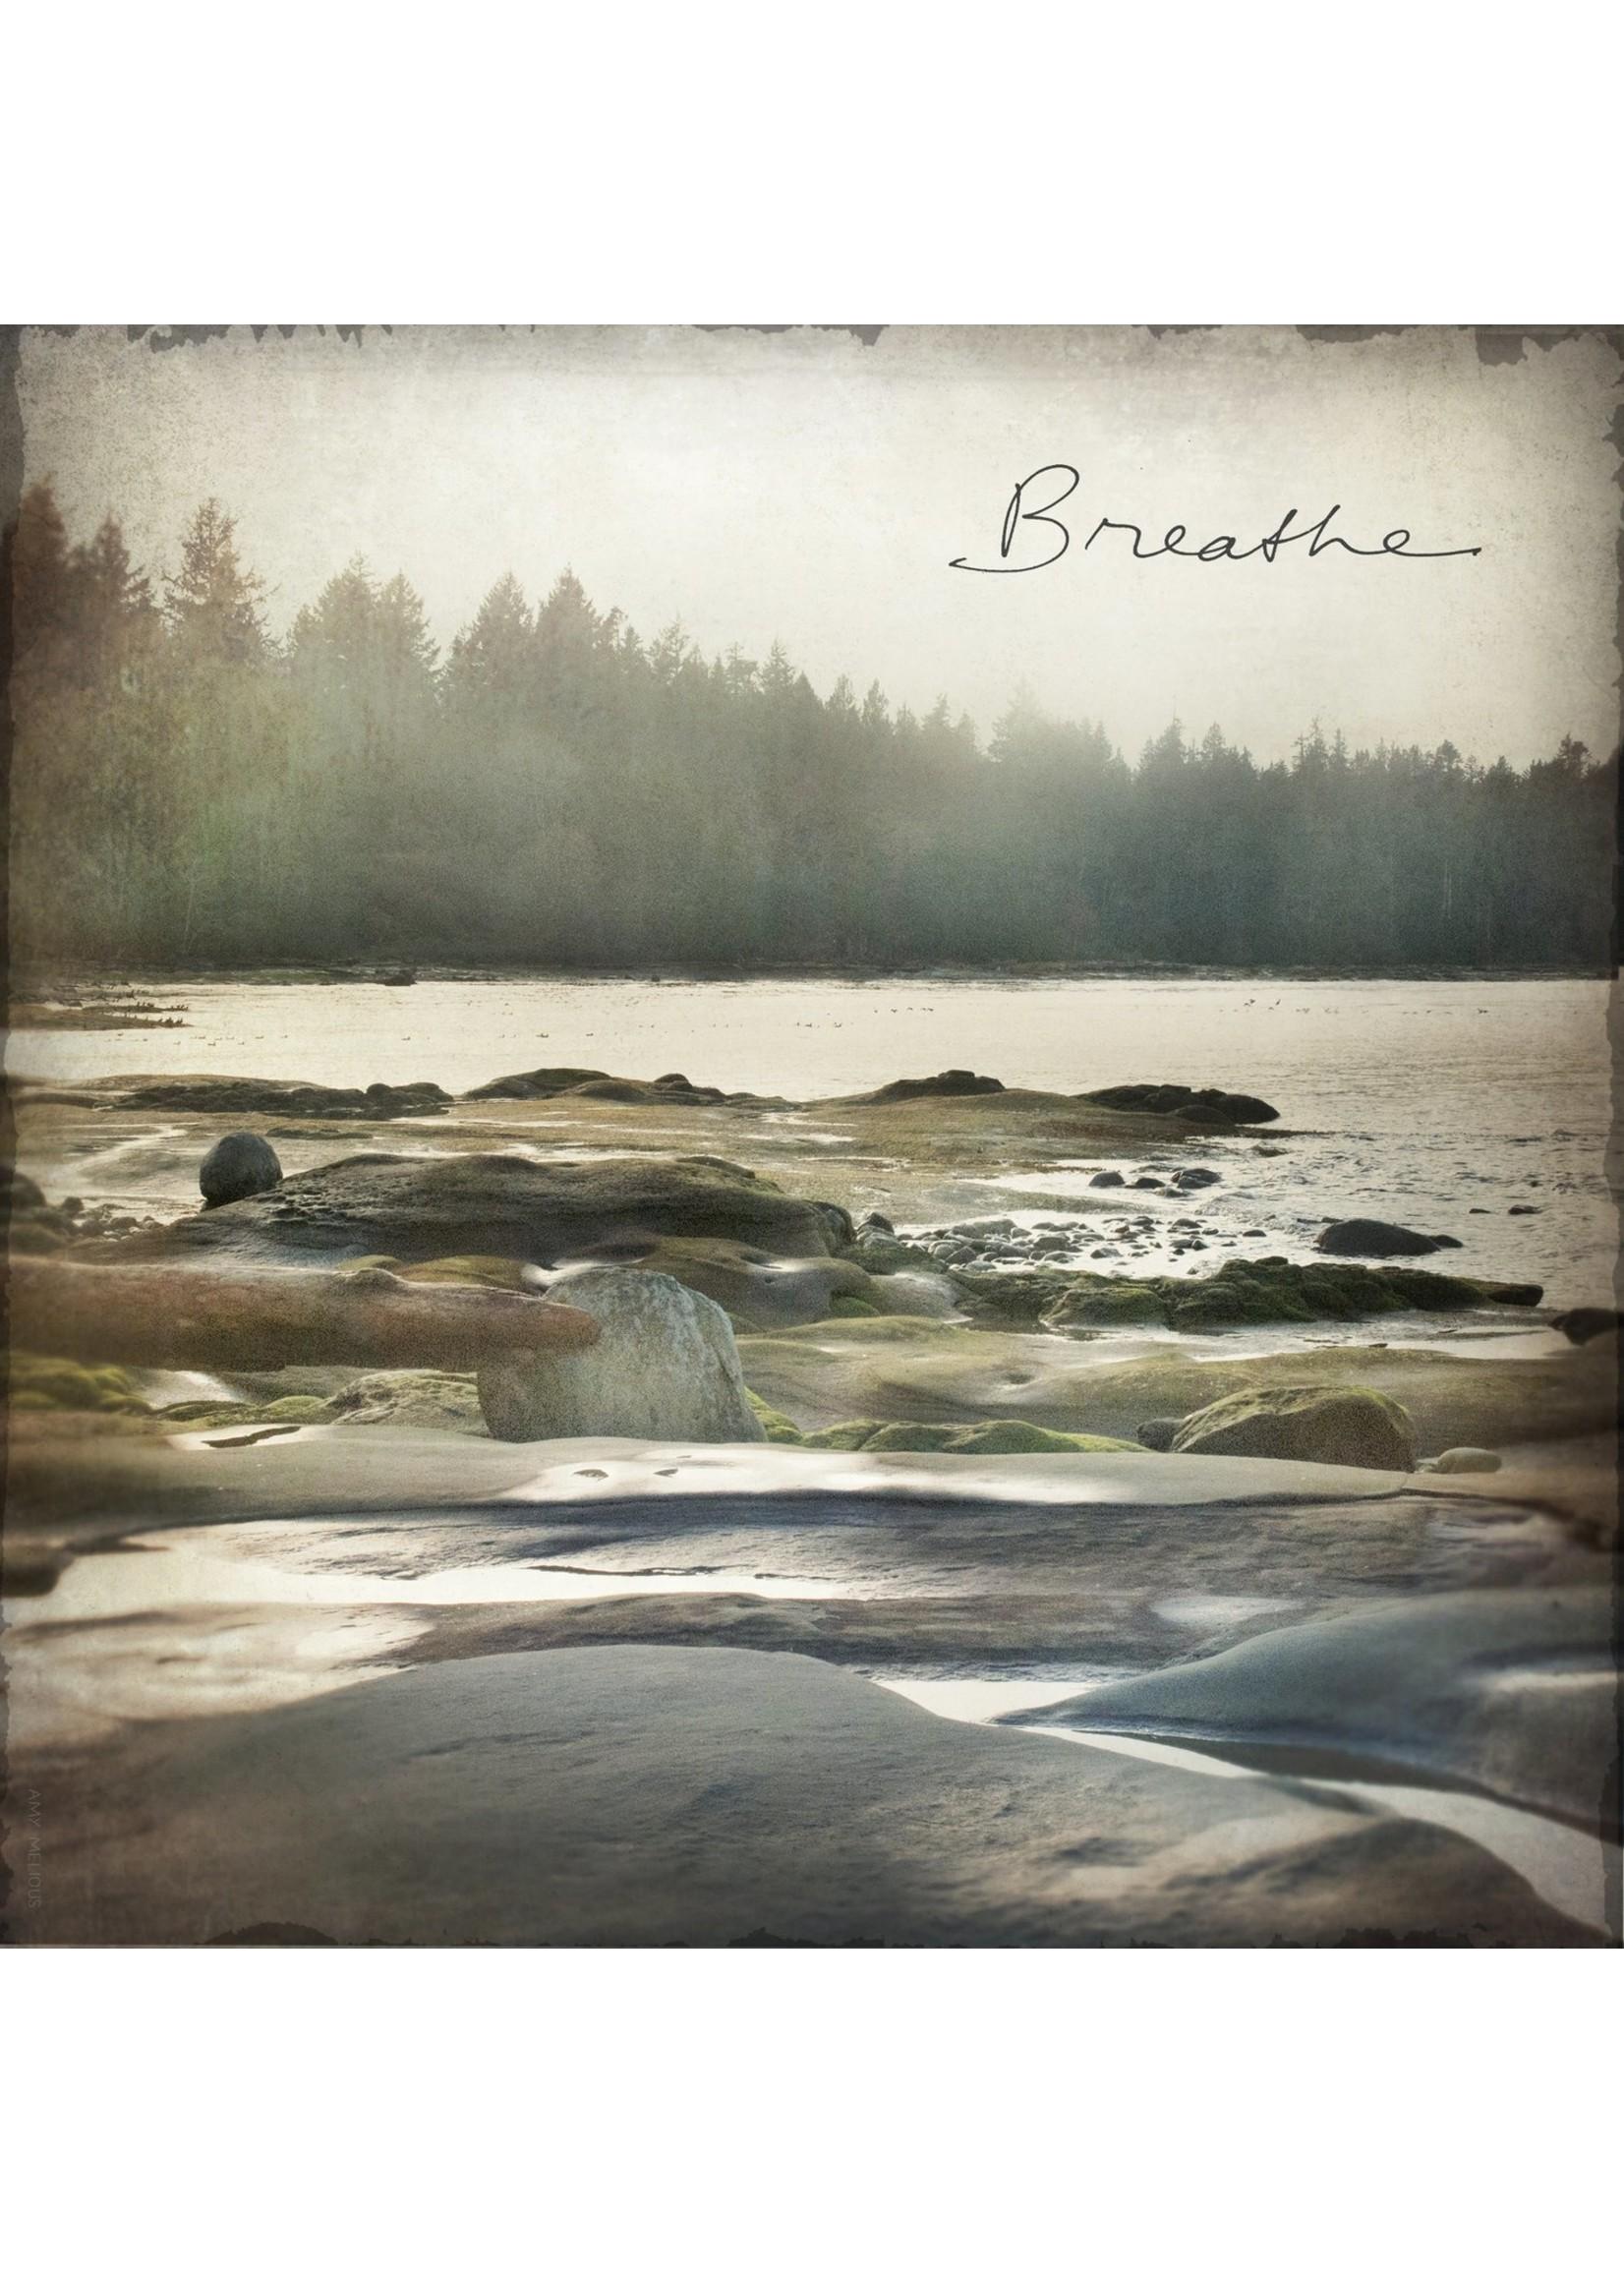 Breath Beach Marble Coaster